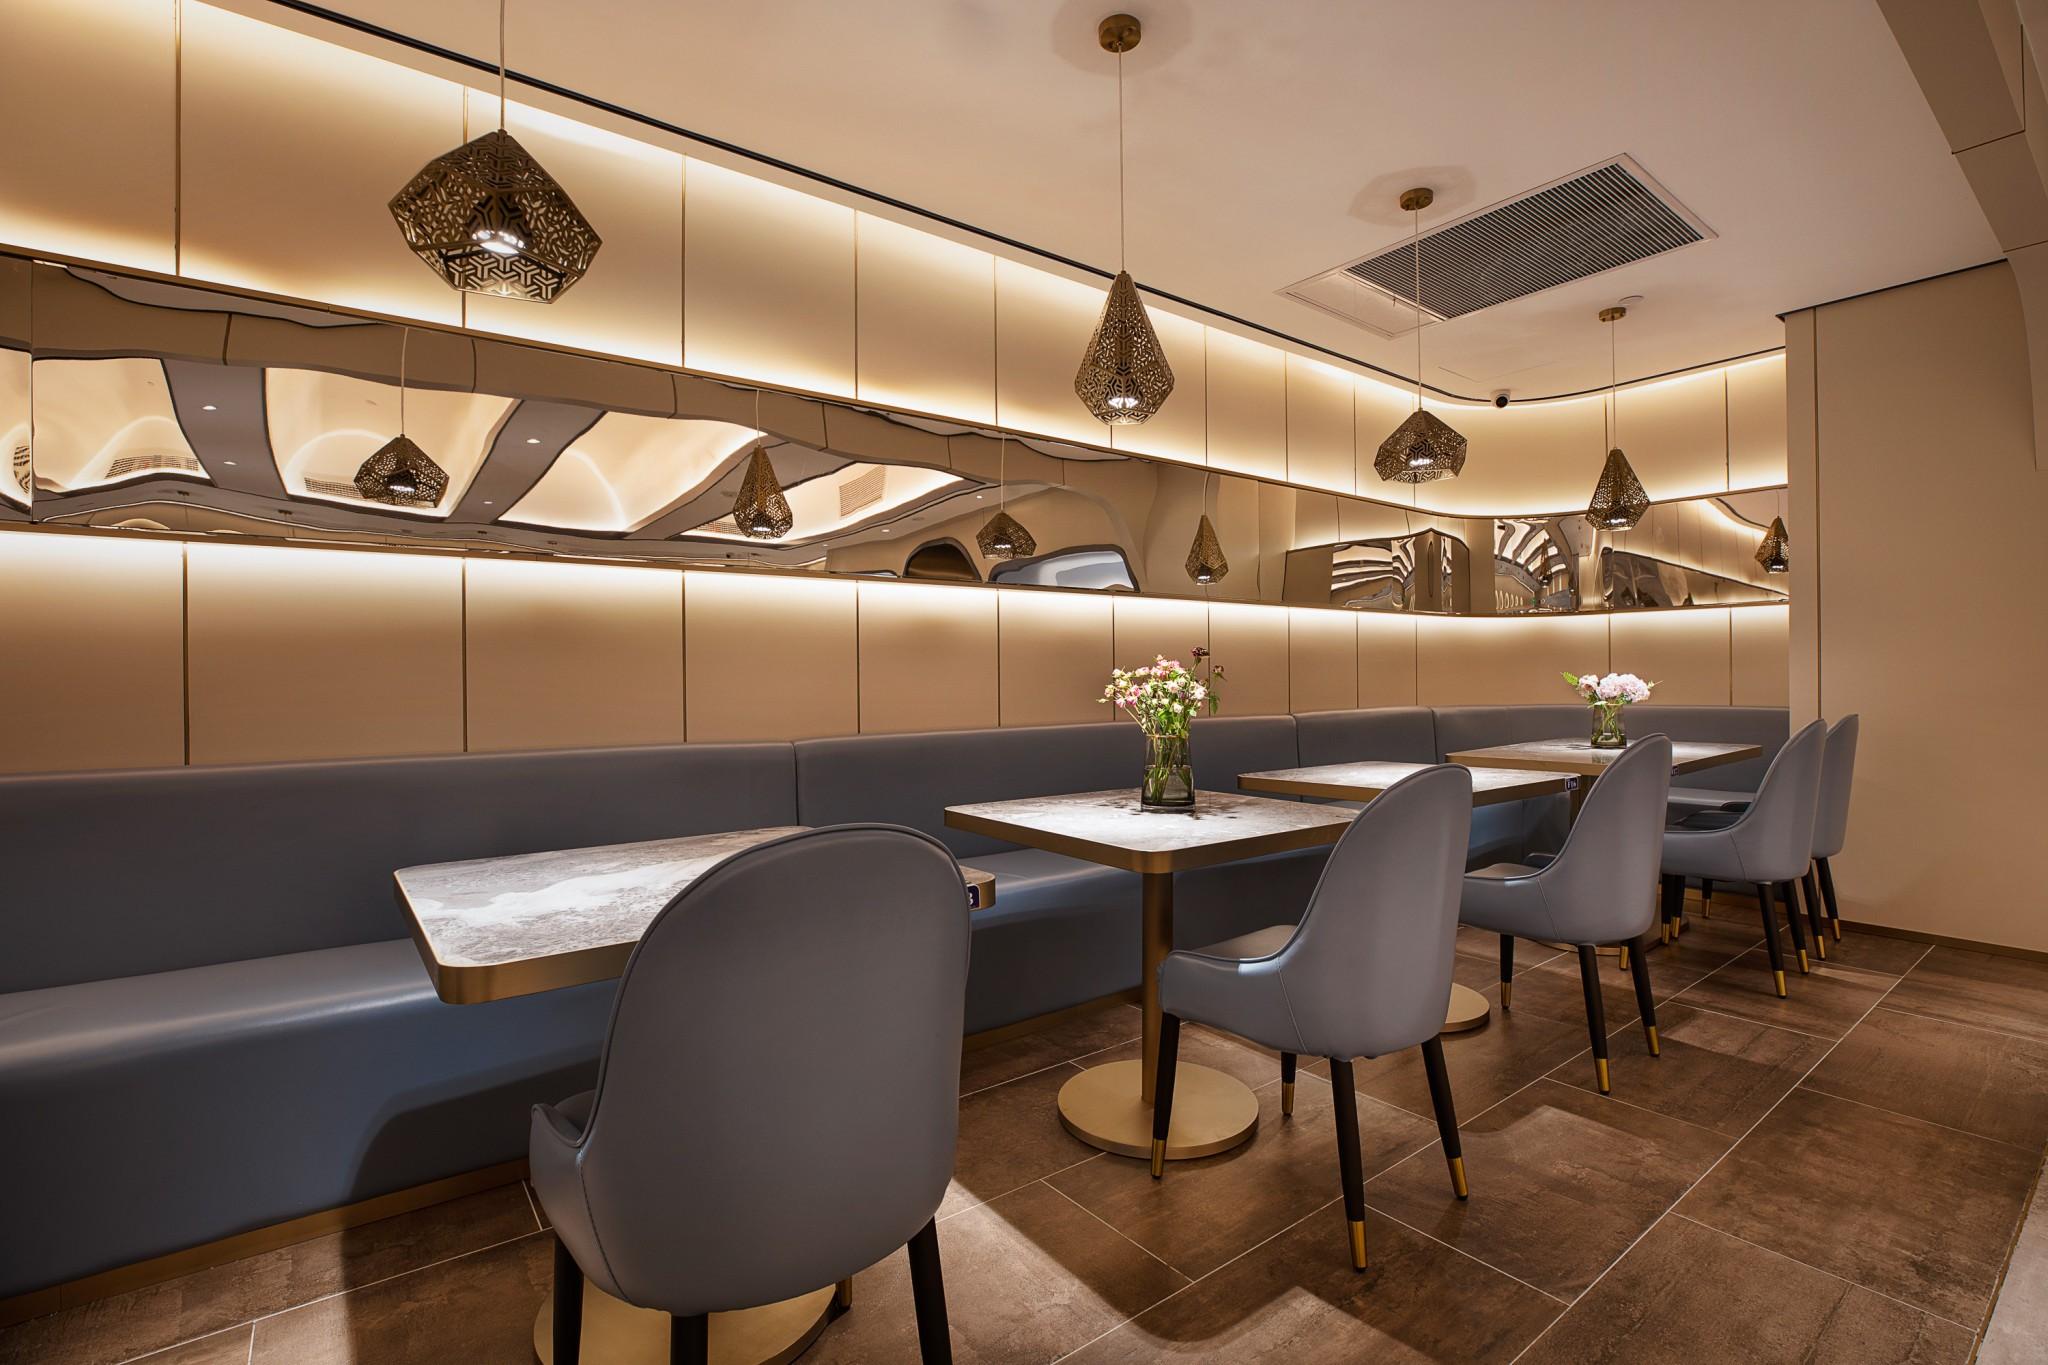 品味回西北菜餐厅设计-杭州餐厅设计-杭州达岸品牌策划设计公司d631dd0db2c7a799e22e08a67b6ce5ea